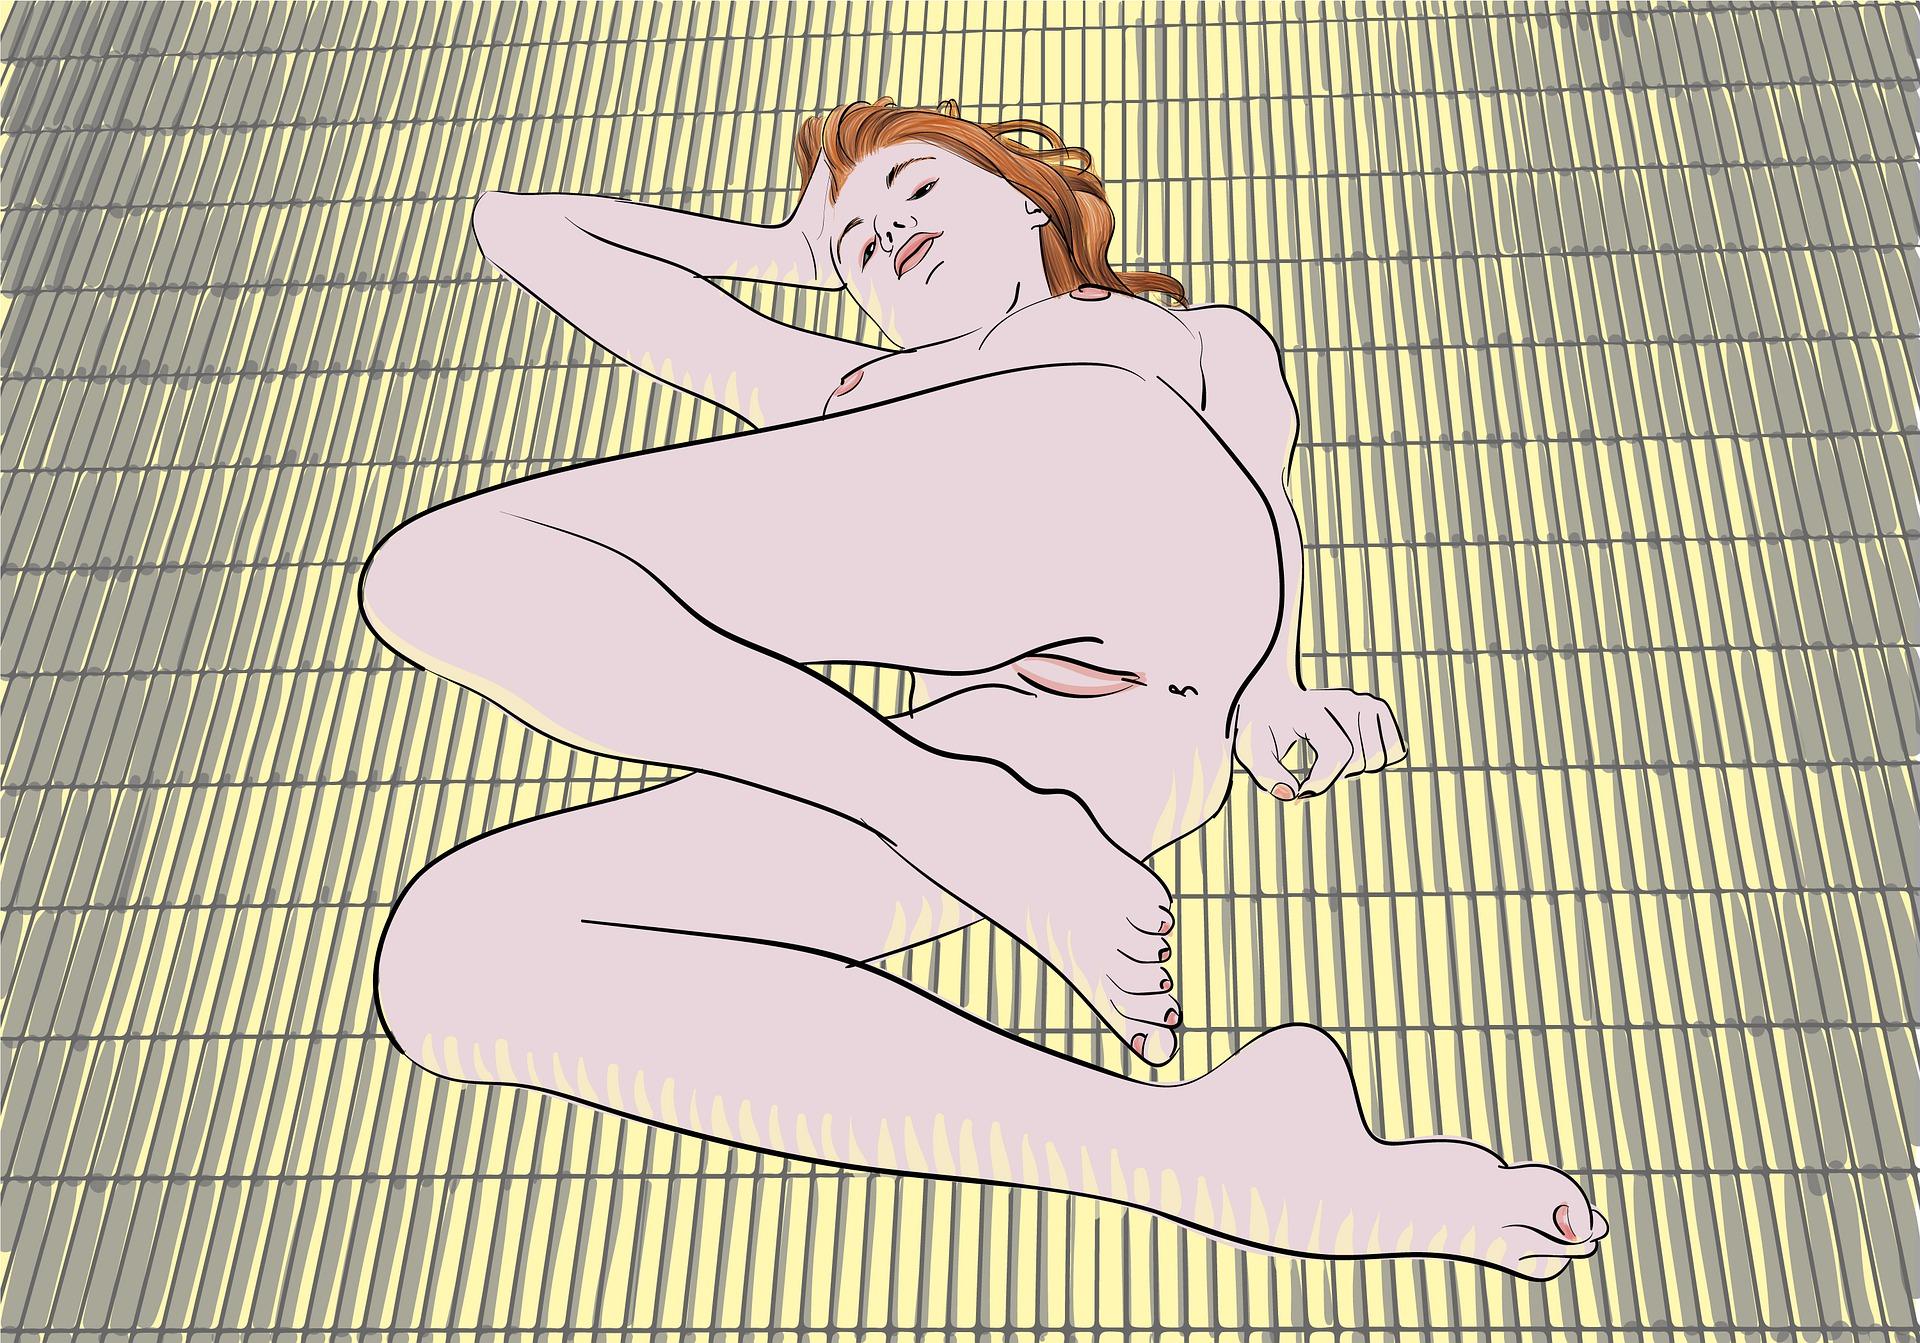 nude-6151078_1920